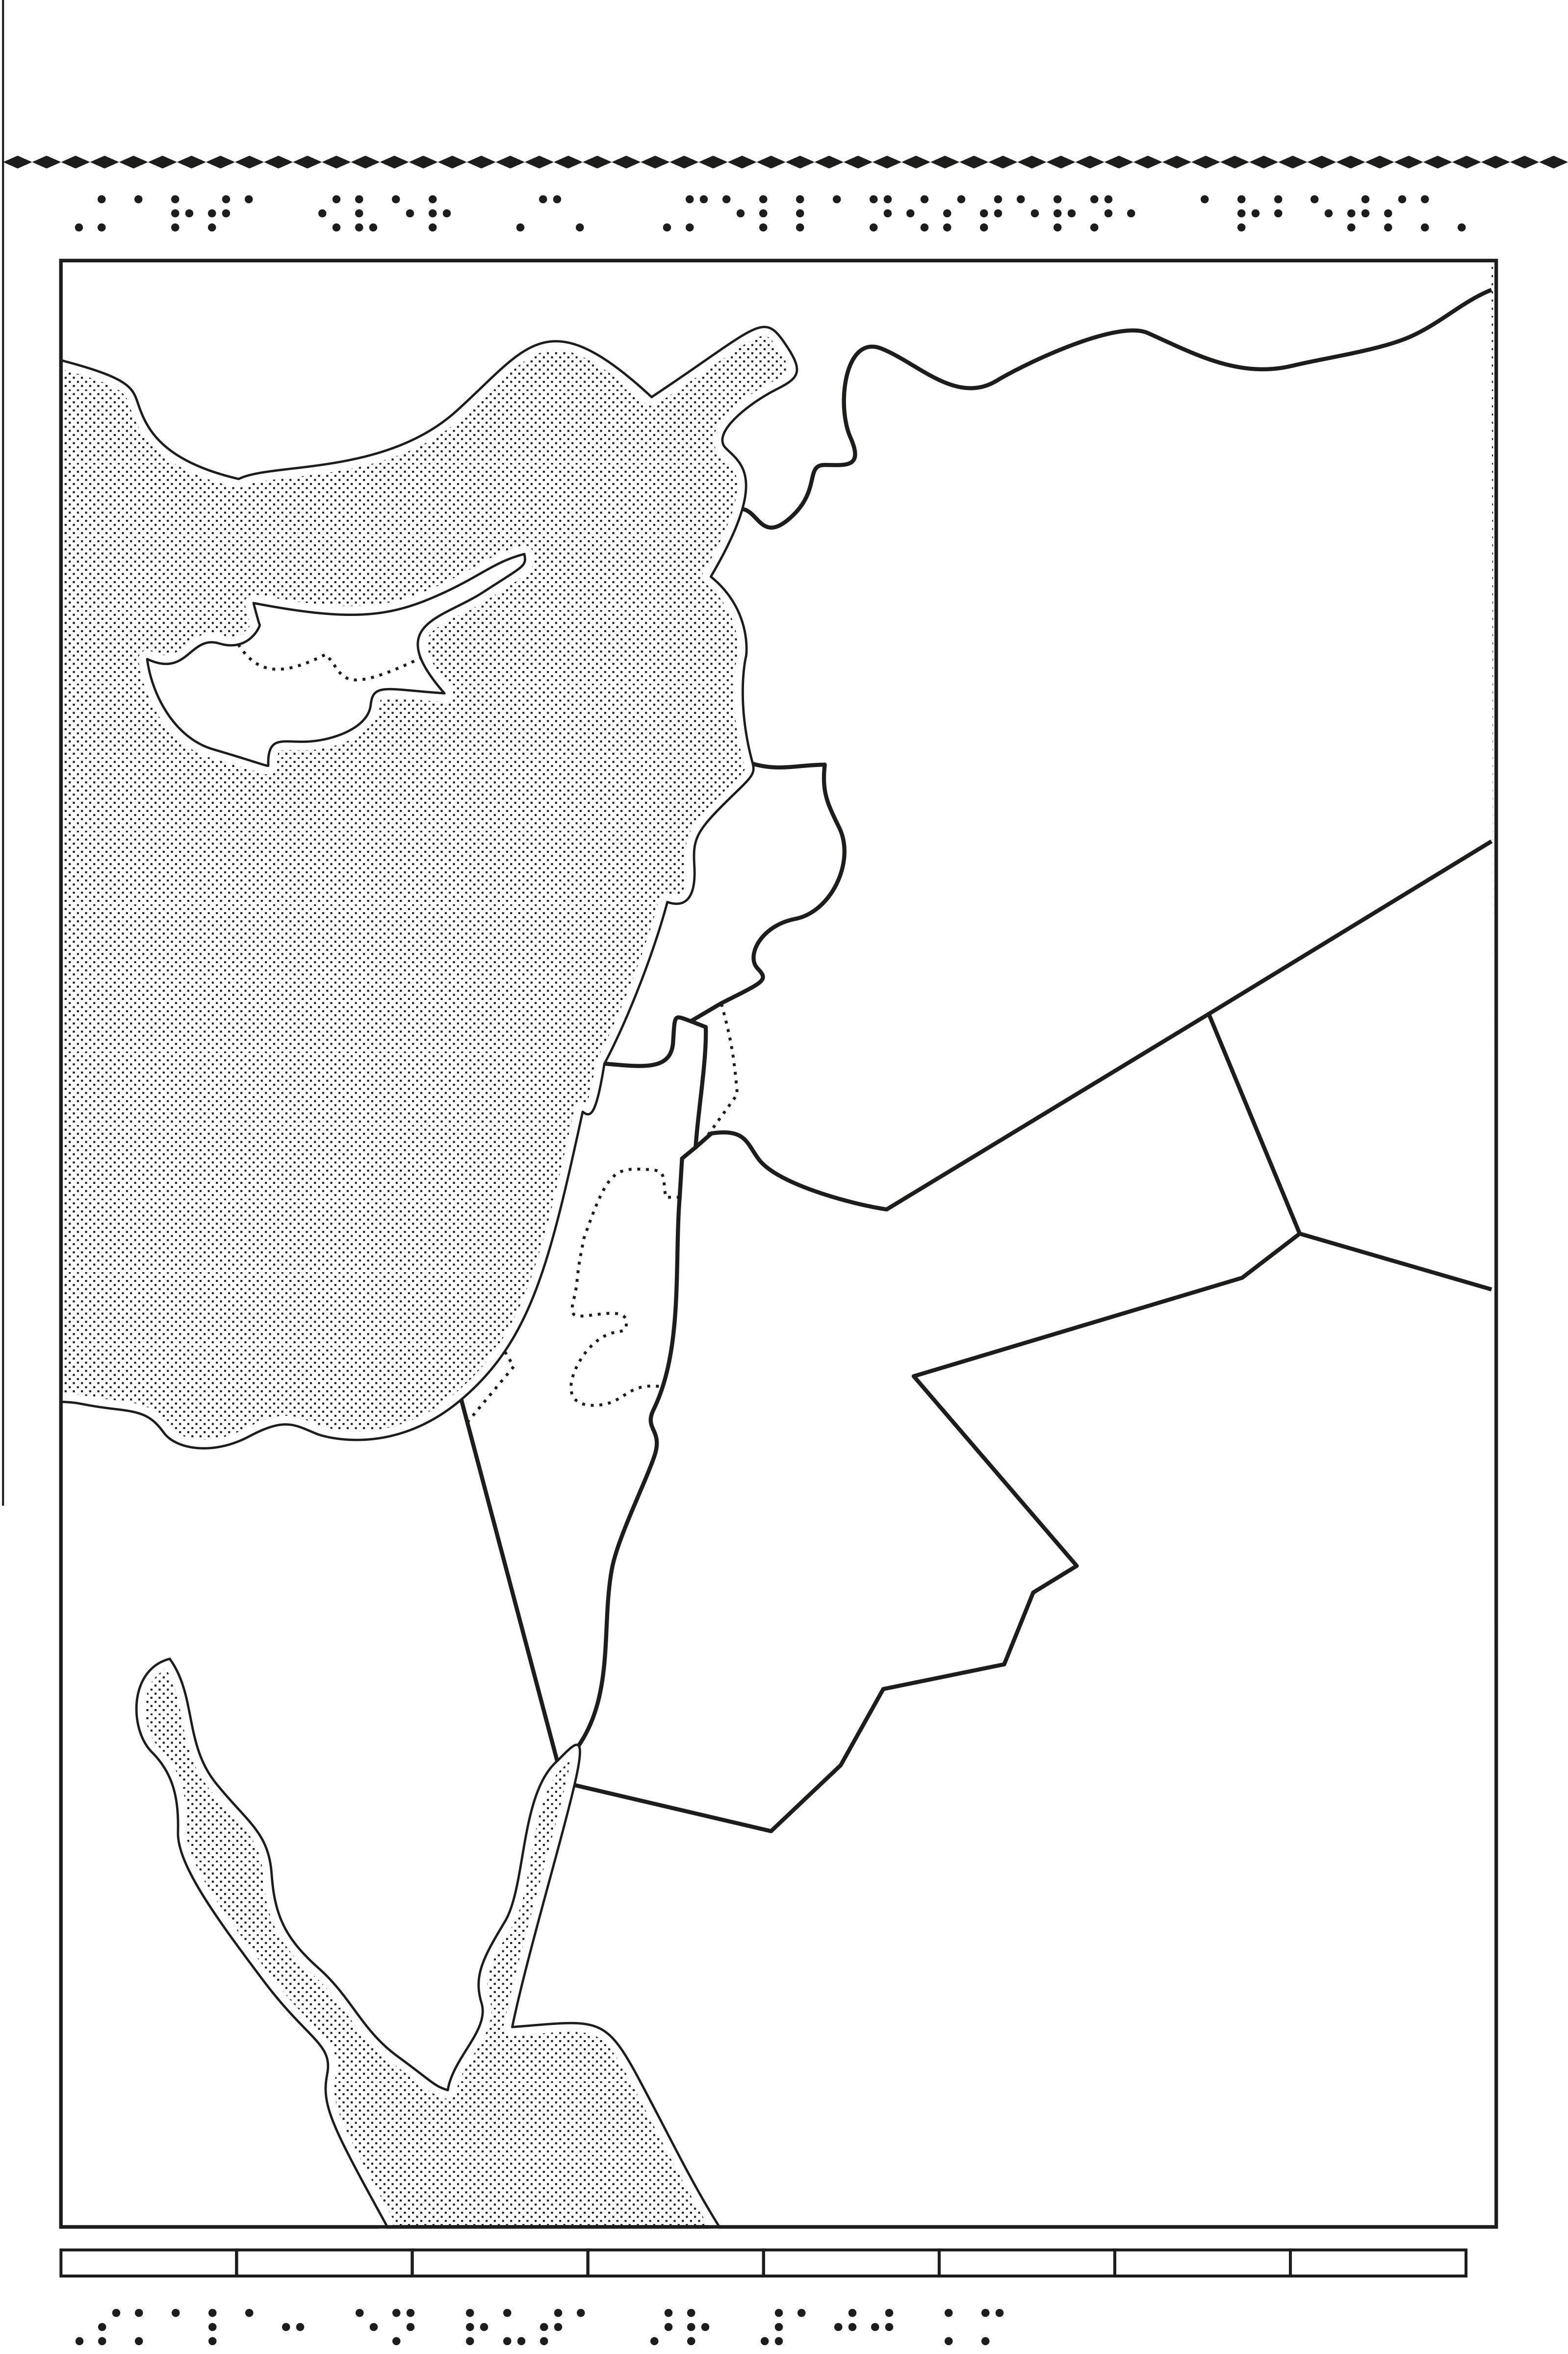 Karta över Centrala Mellanöstern.